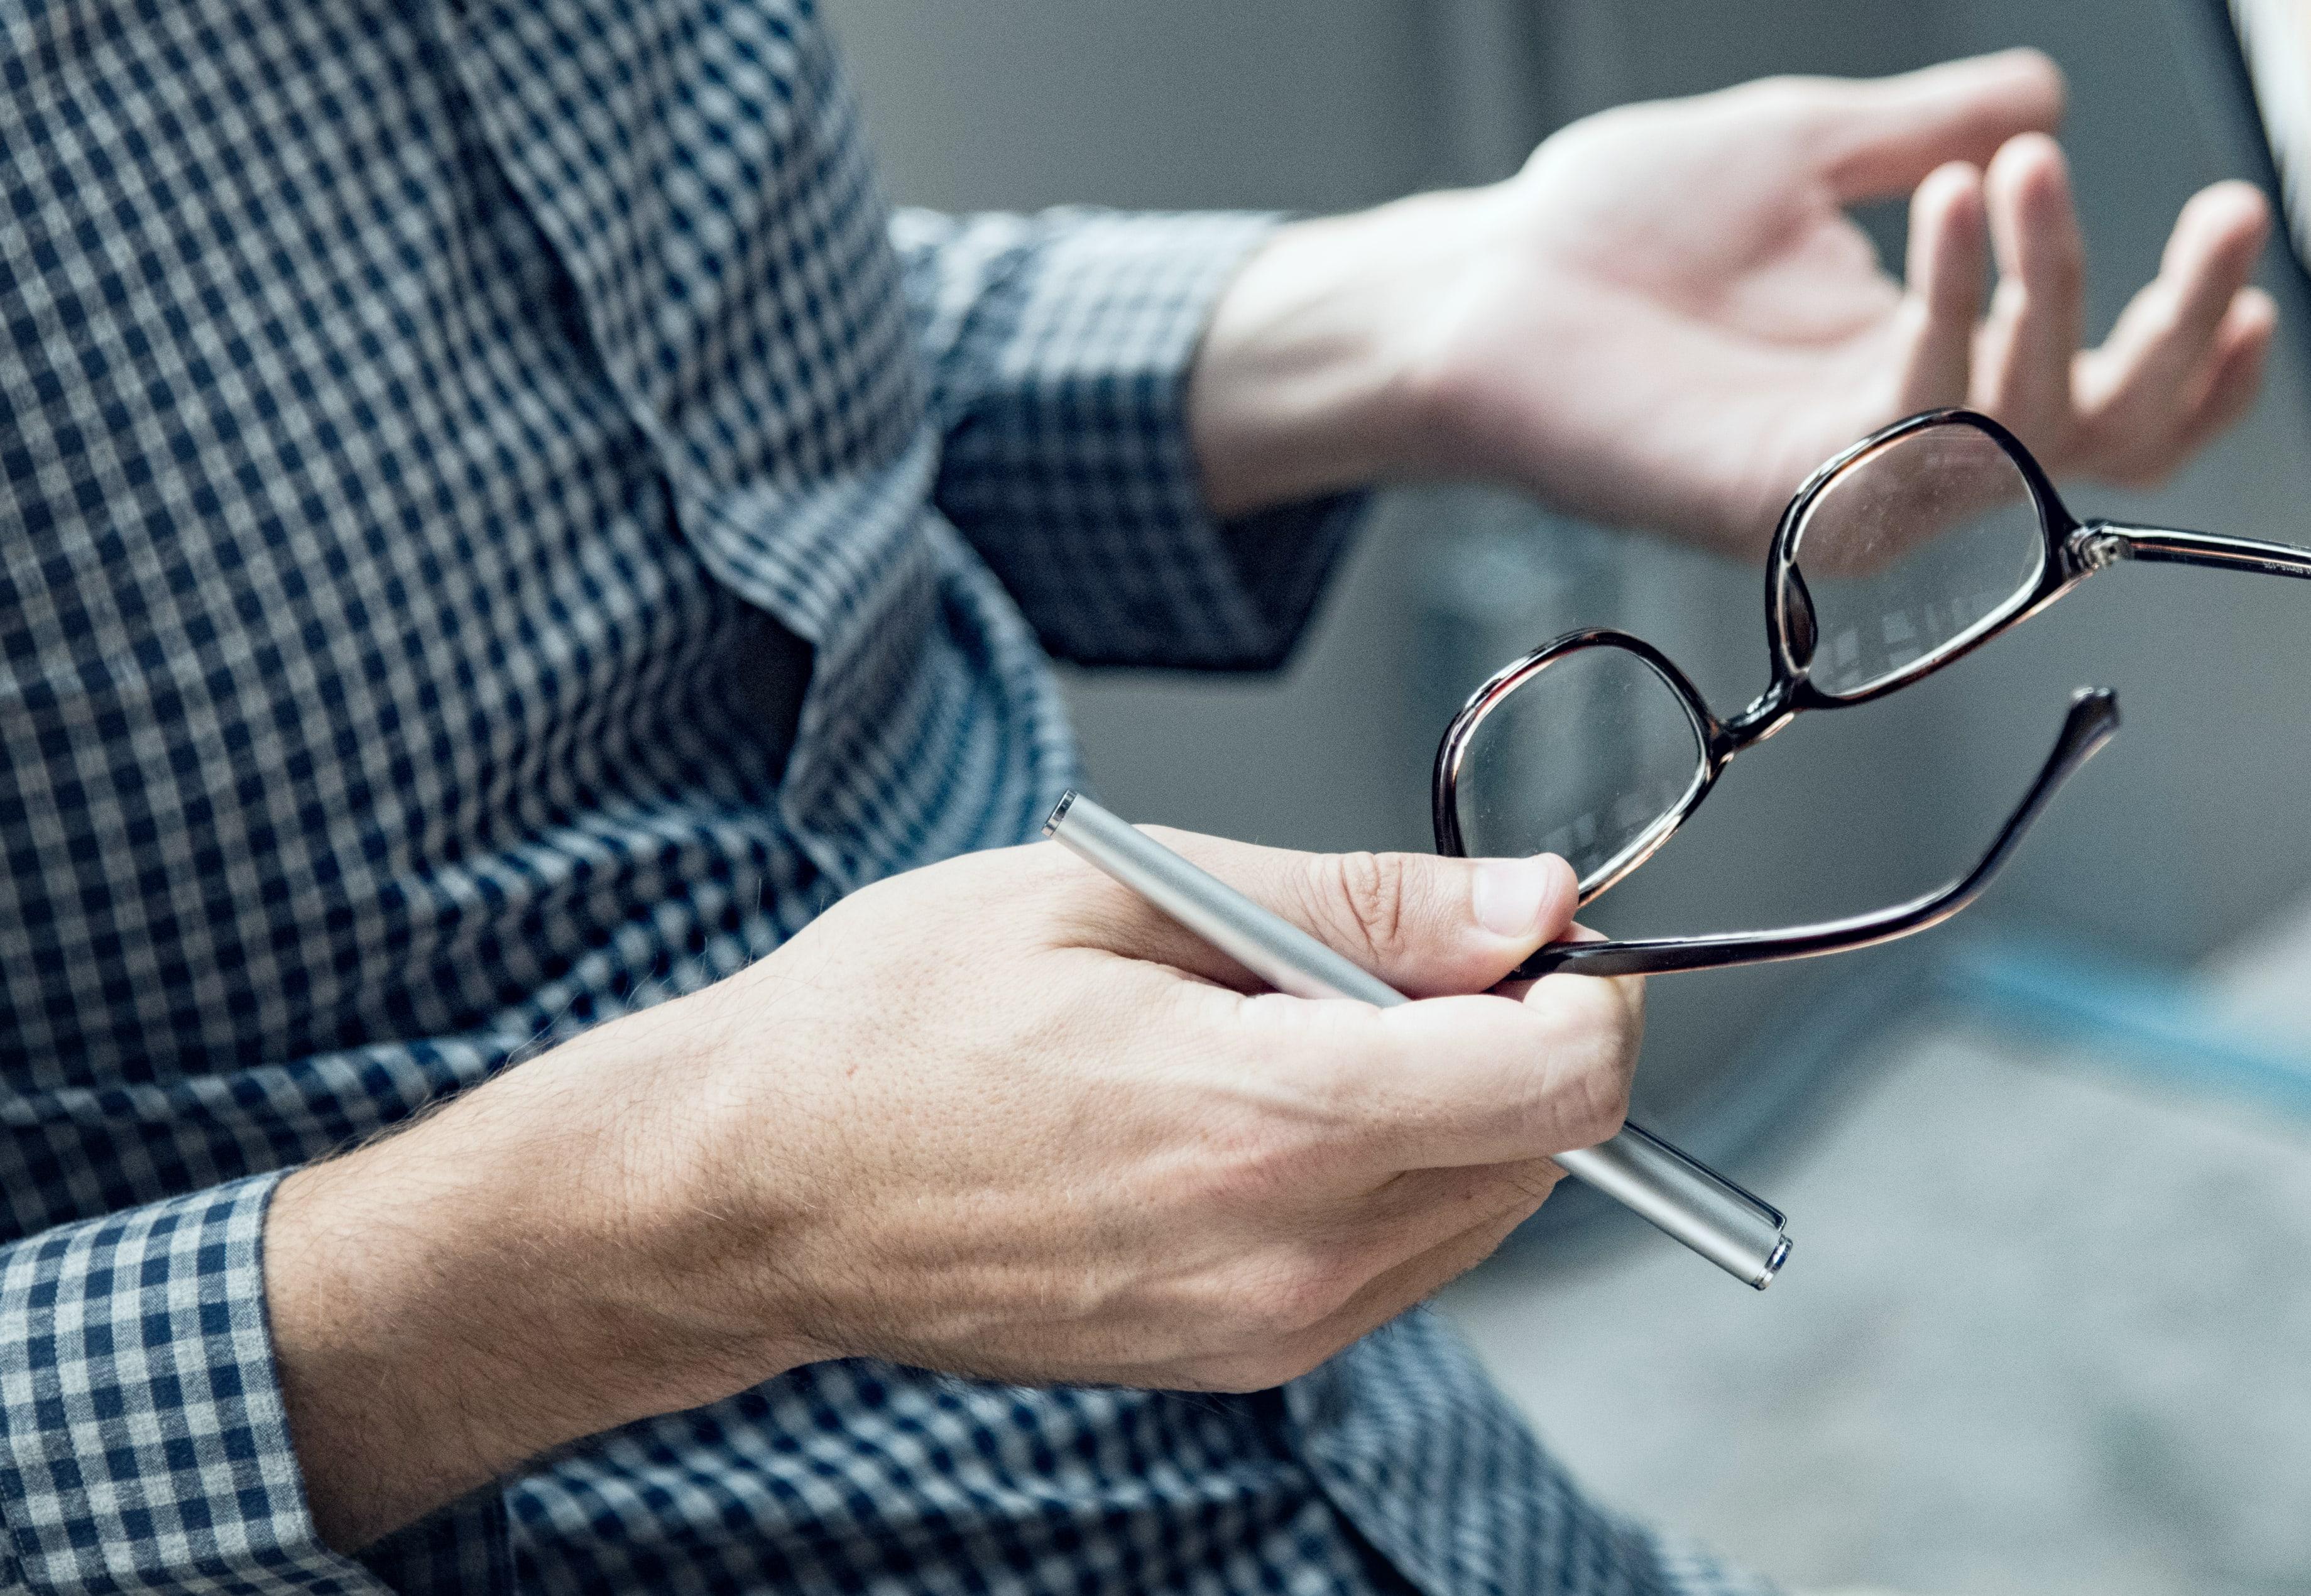 Regler vid uppsägning av anställd - Arbetsbrist, Personliga skäl, Avsked